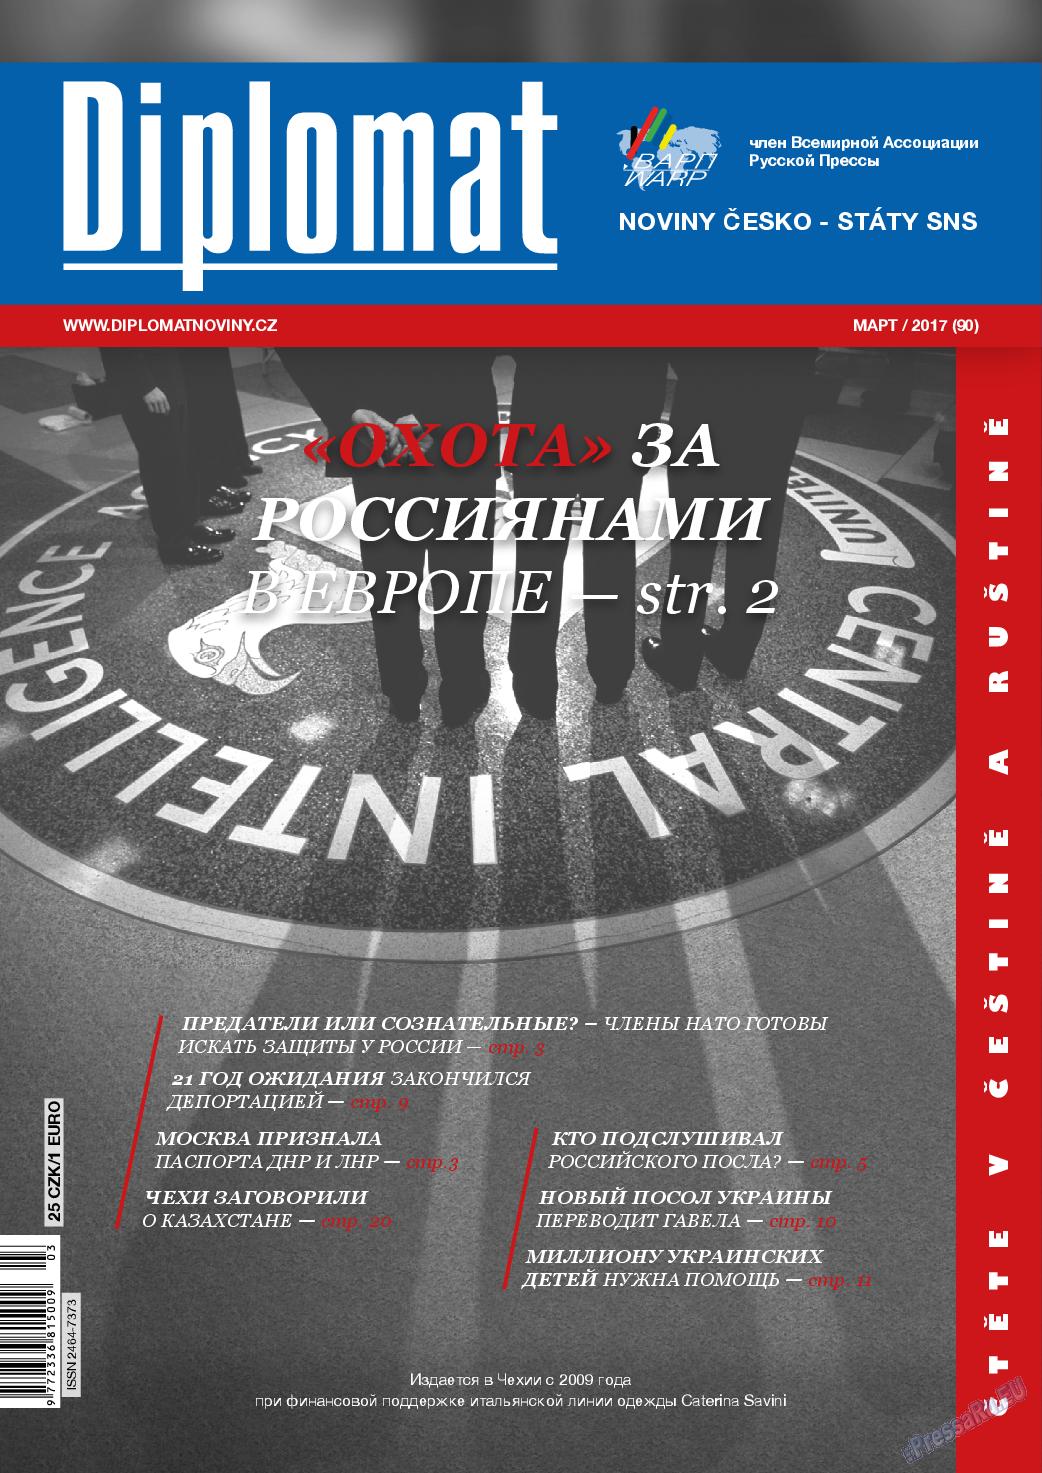 Diplomat (газета). 2017 год, номер 90, стр. 1